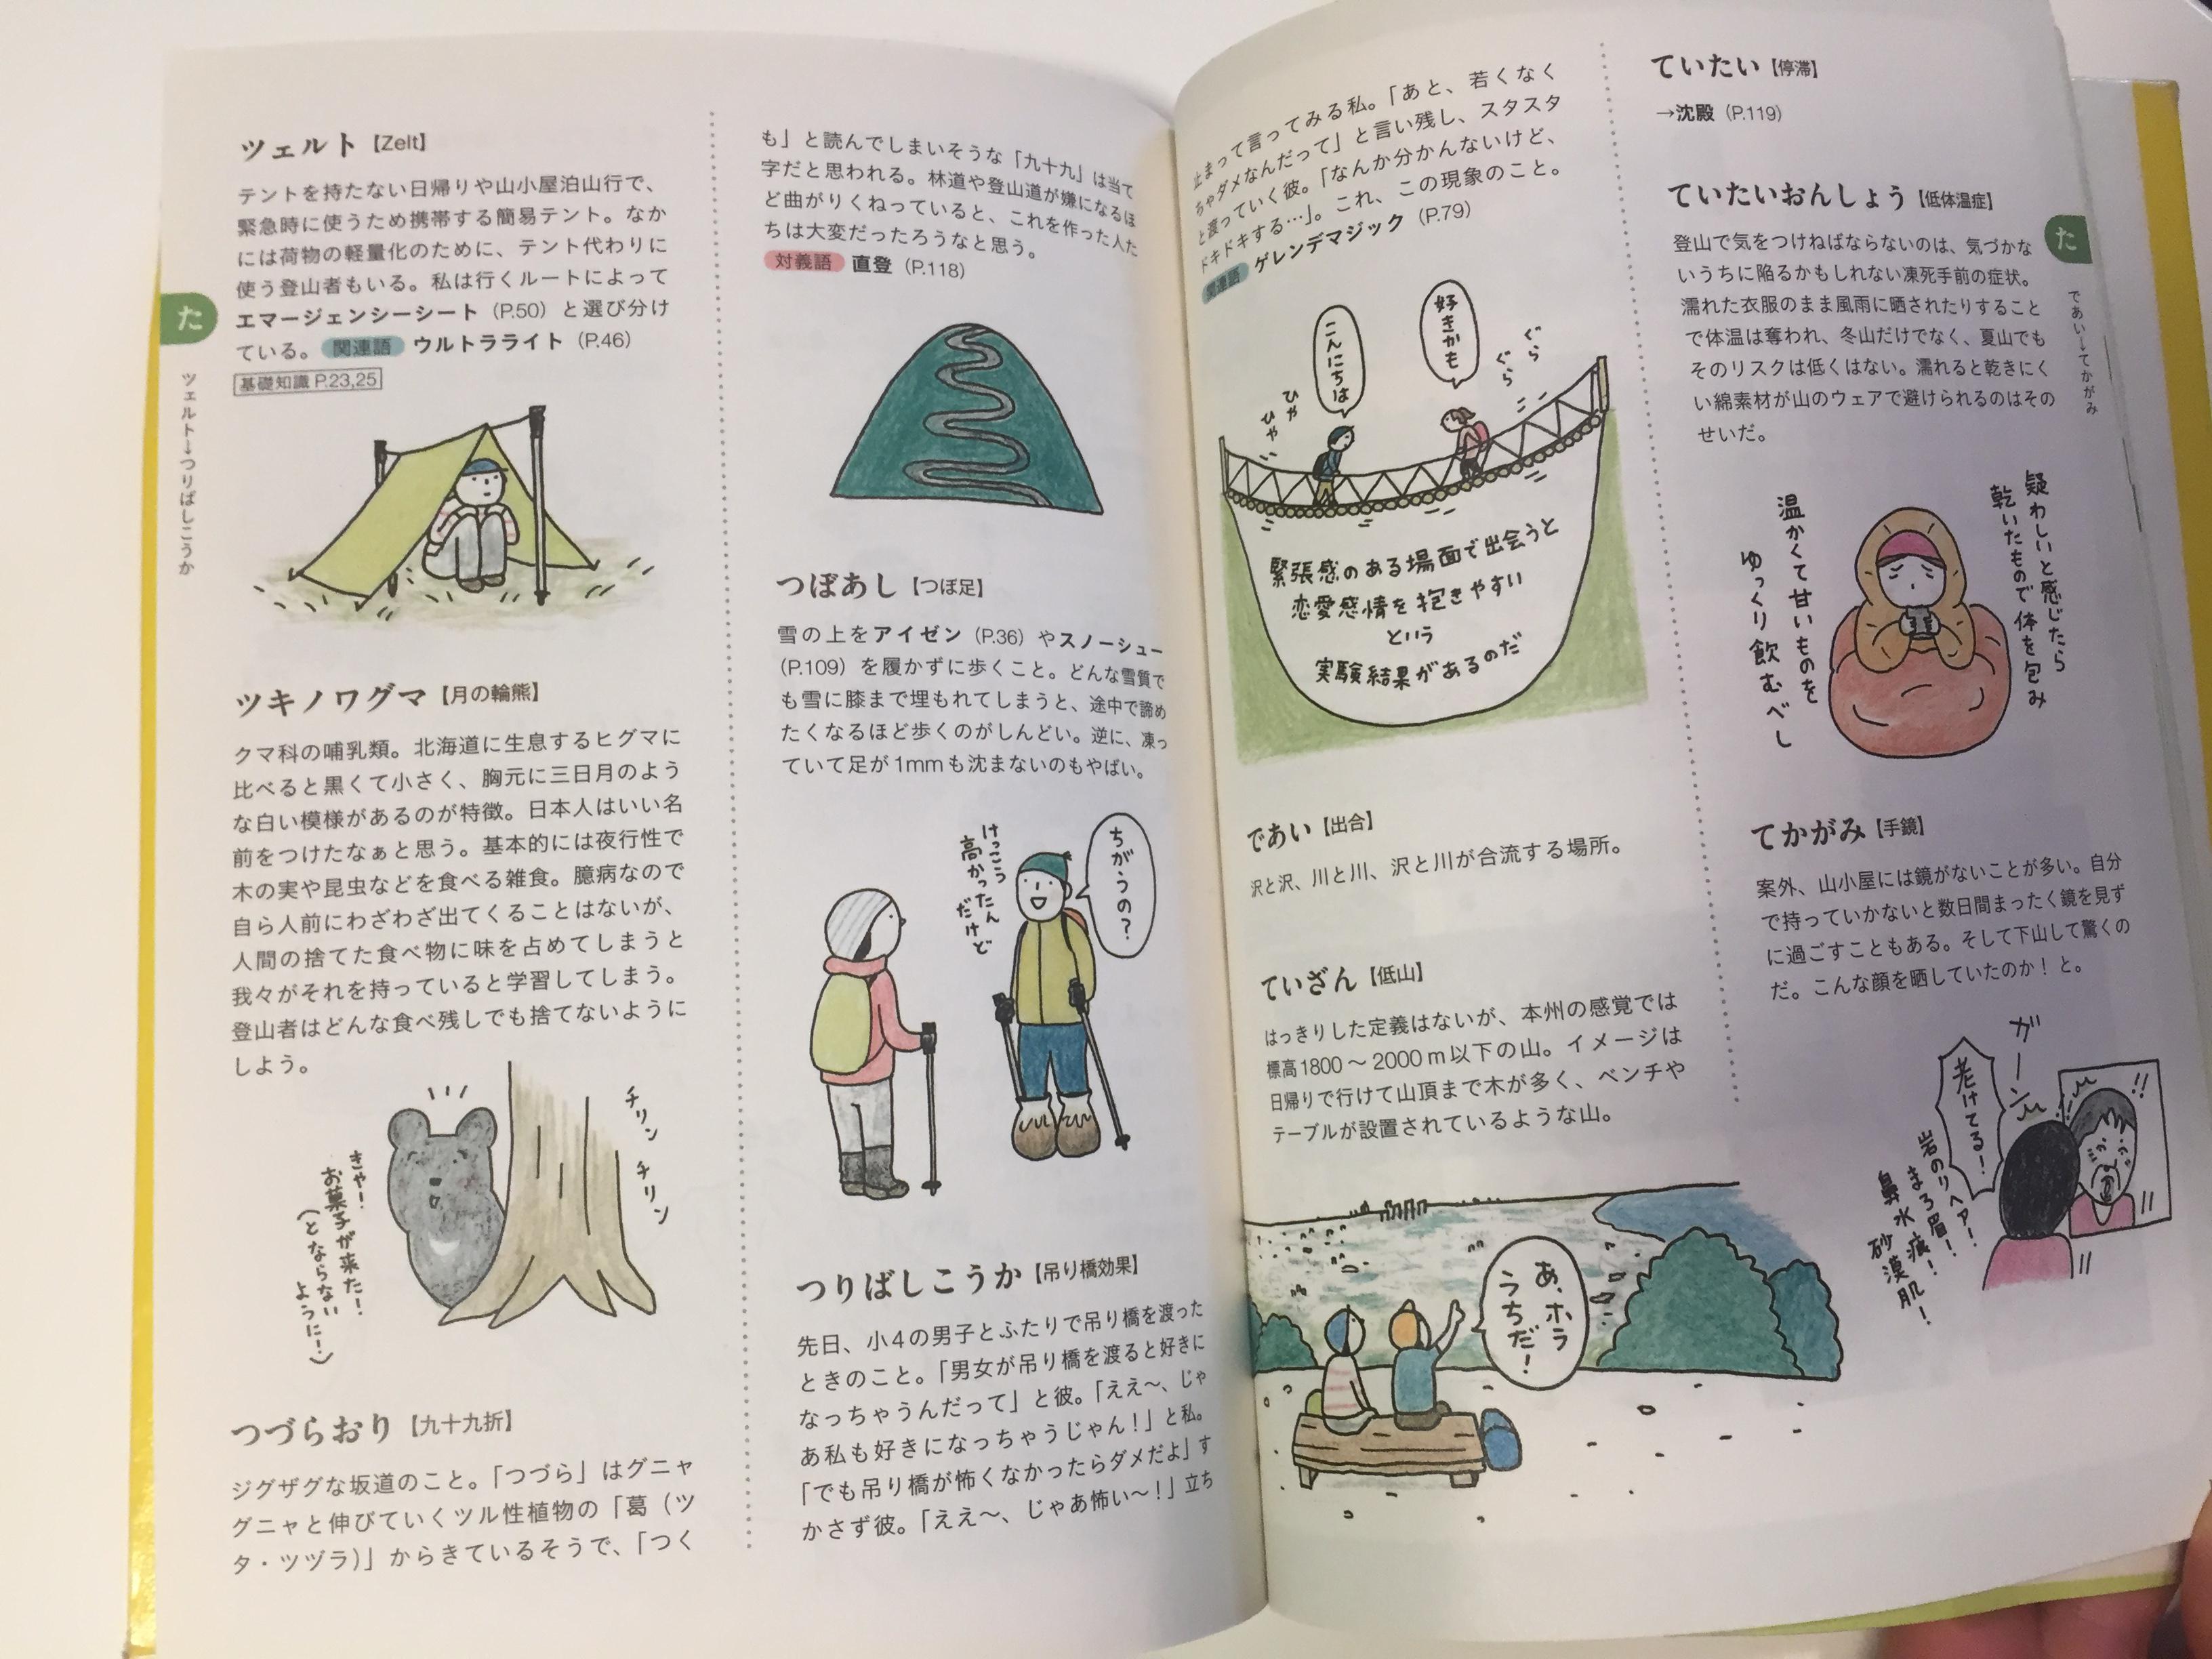 山登り語辞典 鈴木みき